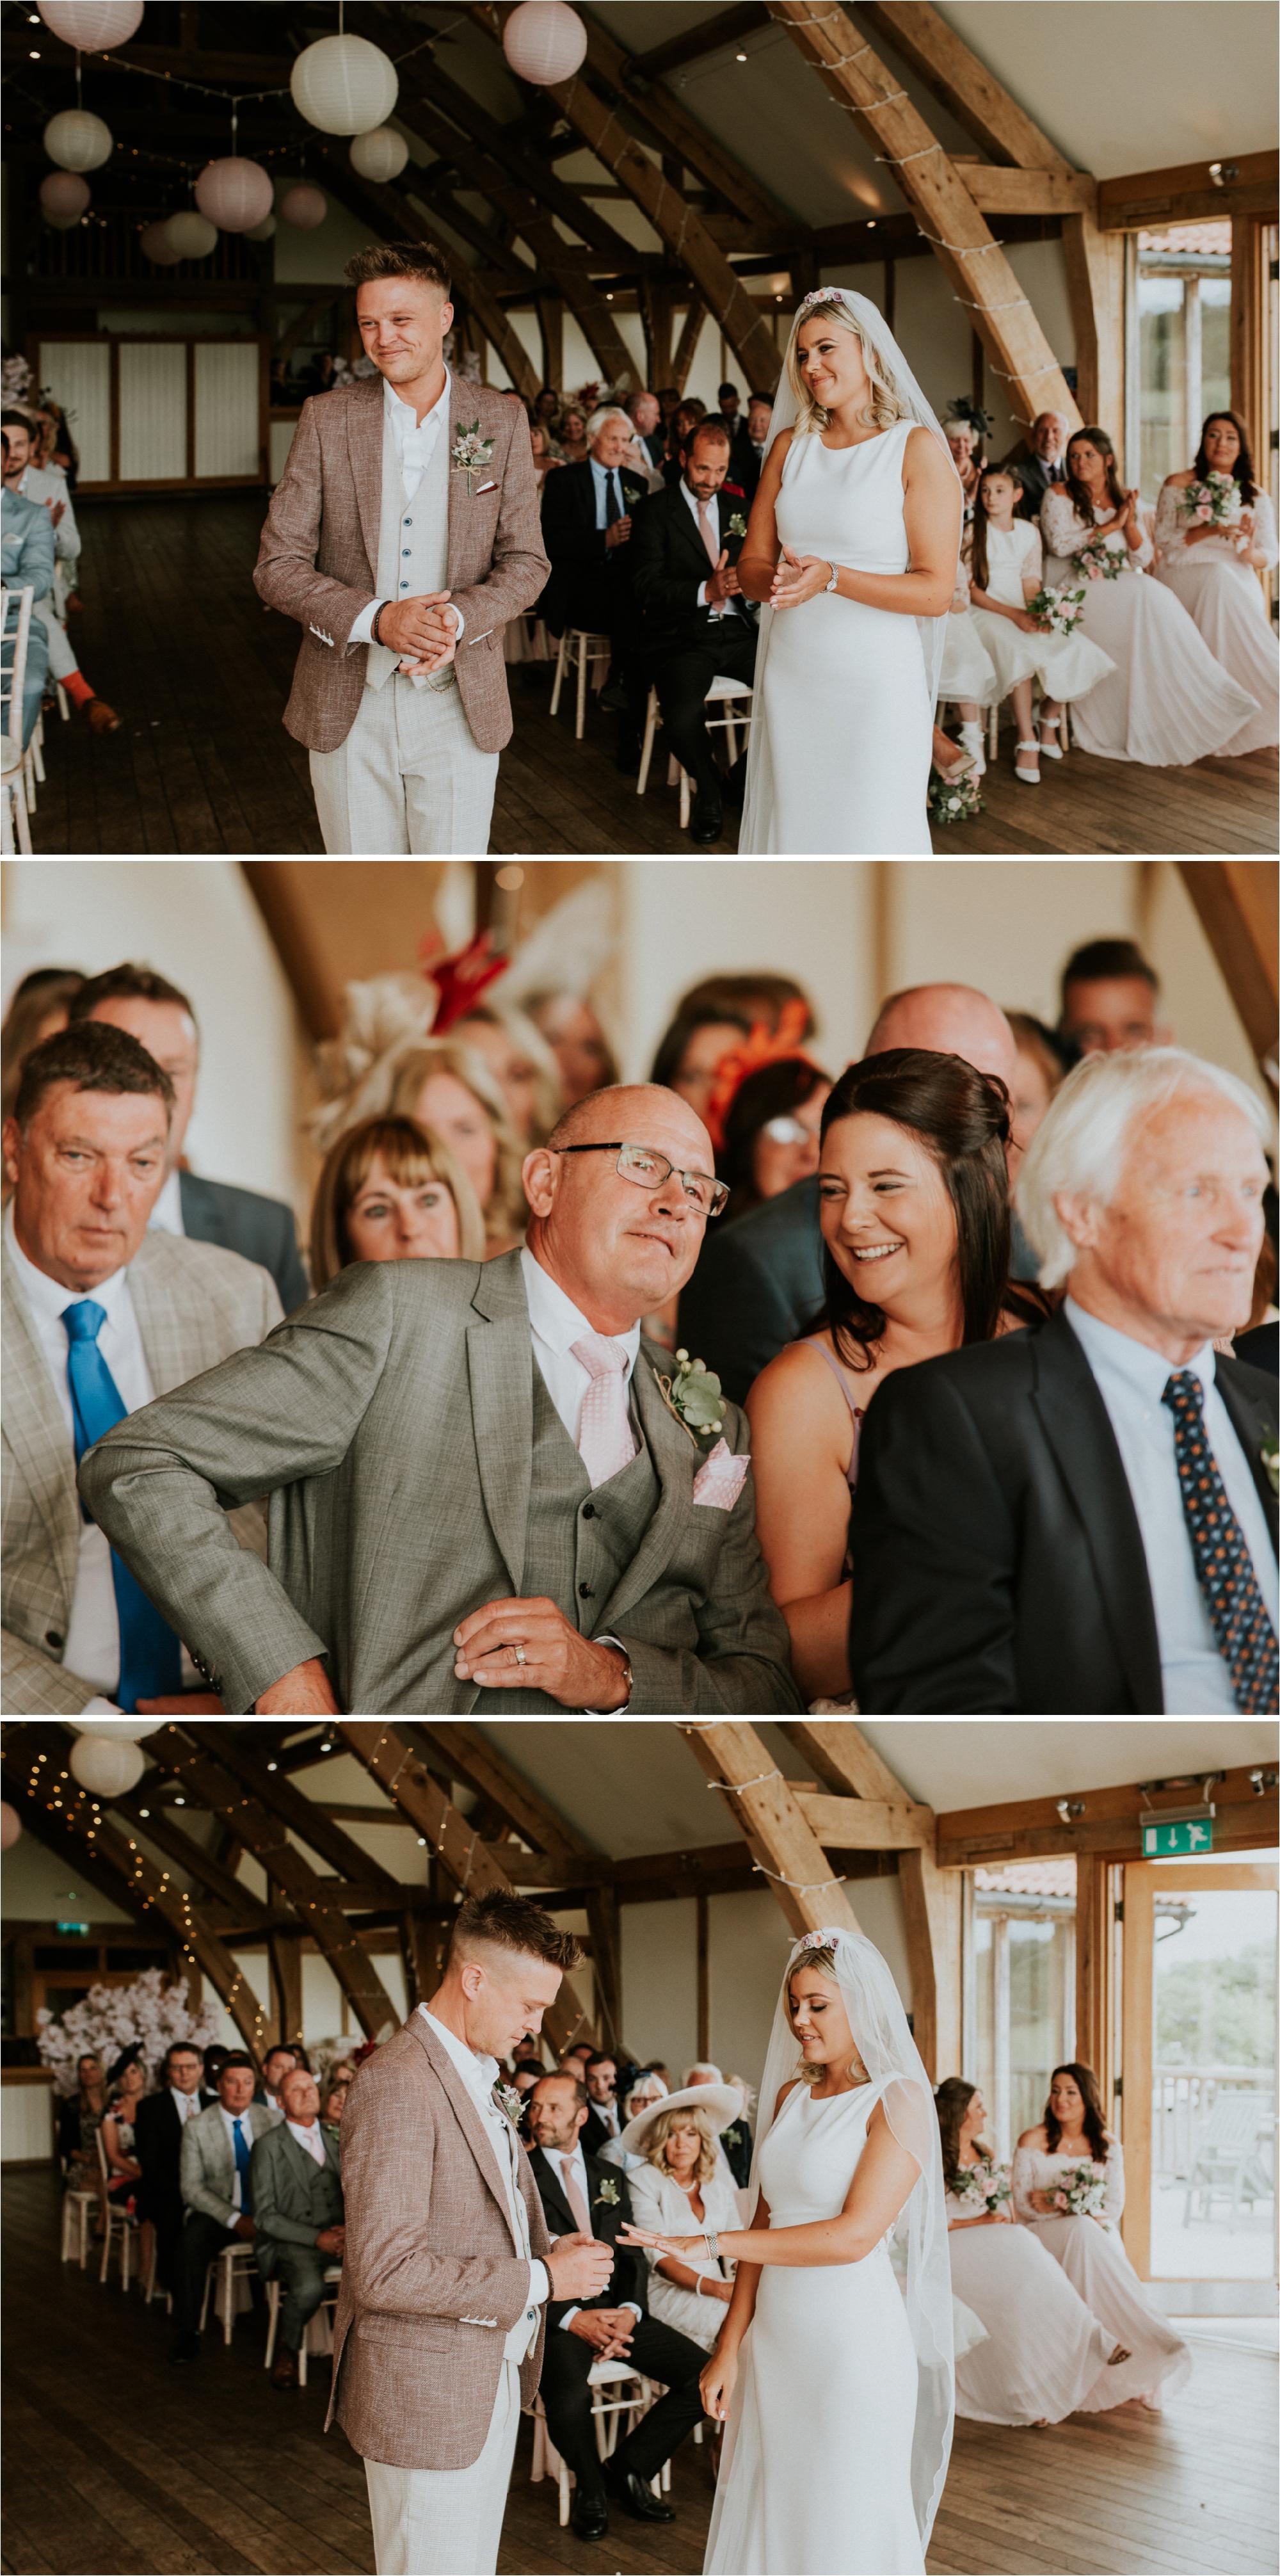 SanburnHallWedding-LukeHolroyd-Yorkshirewedding_0073.jpg